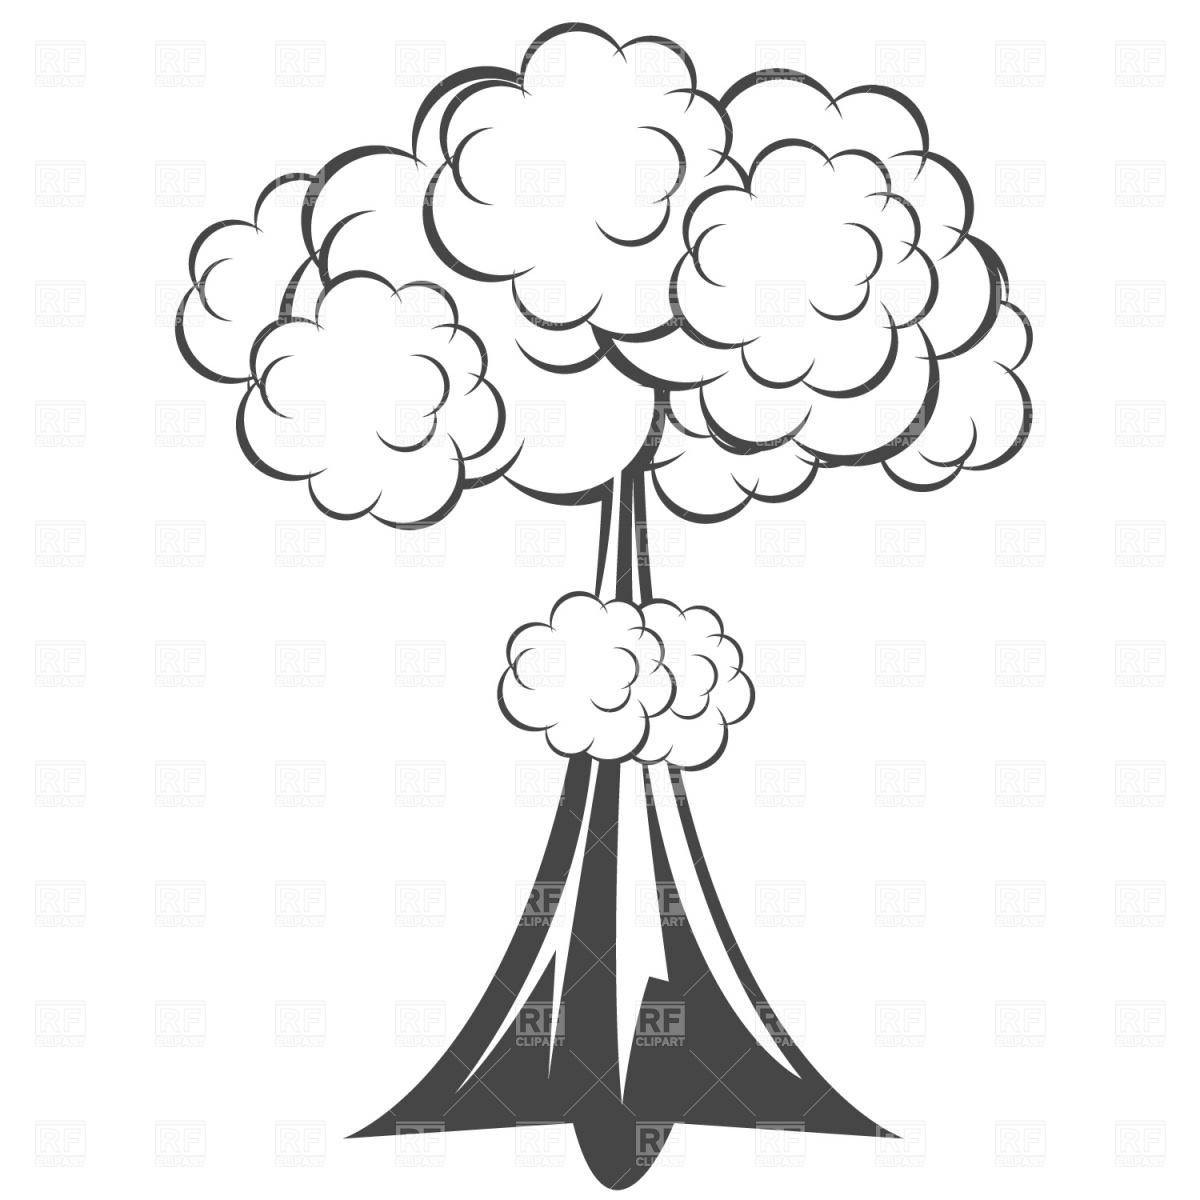 Mushroom Cloud Clip Art